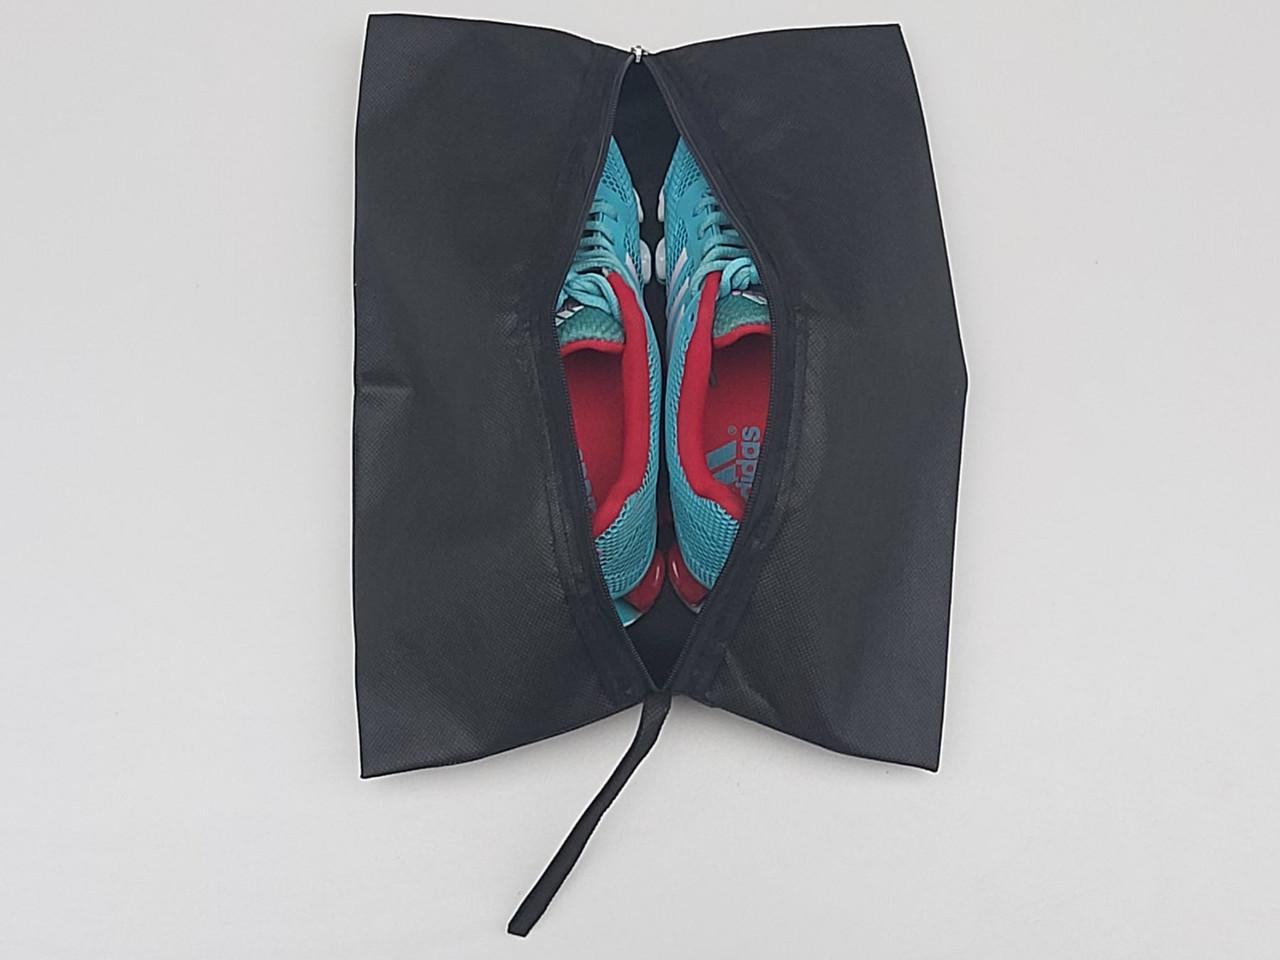 Чехол-сумка черного цвета для хранения и упаковки обуви